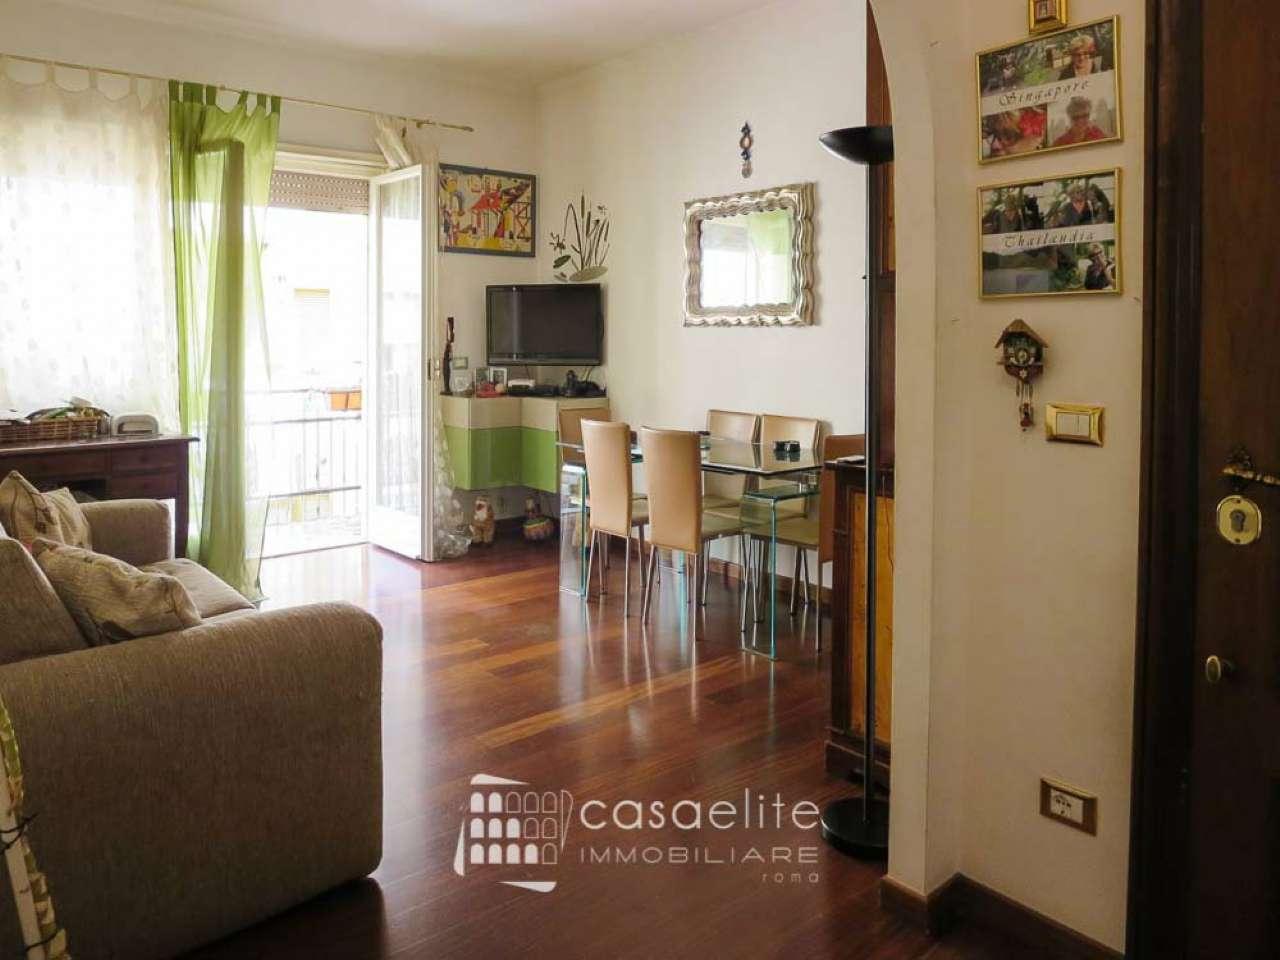 Appartamento in vendita 3 vani 100 mq.  via Andreotto Saracini Roma